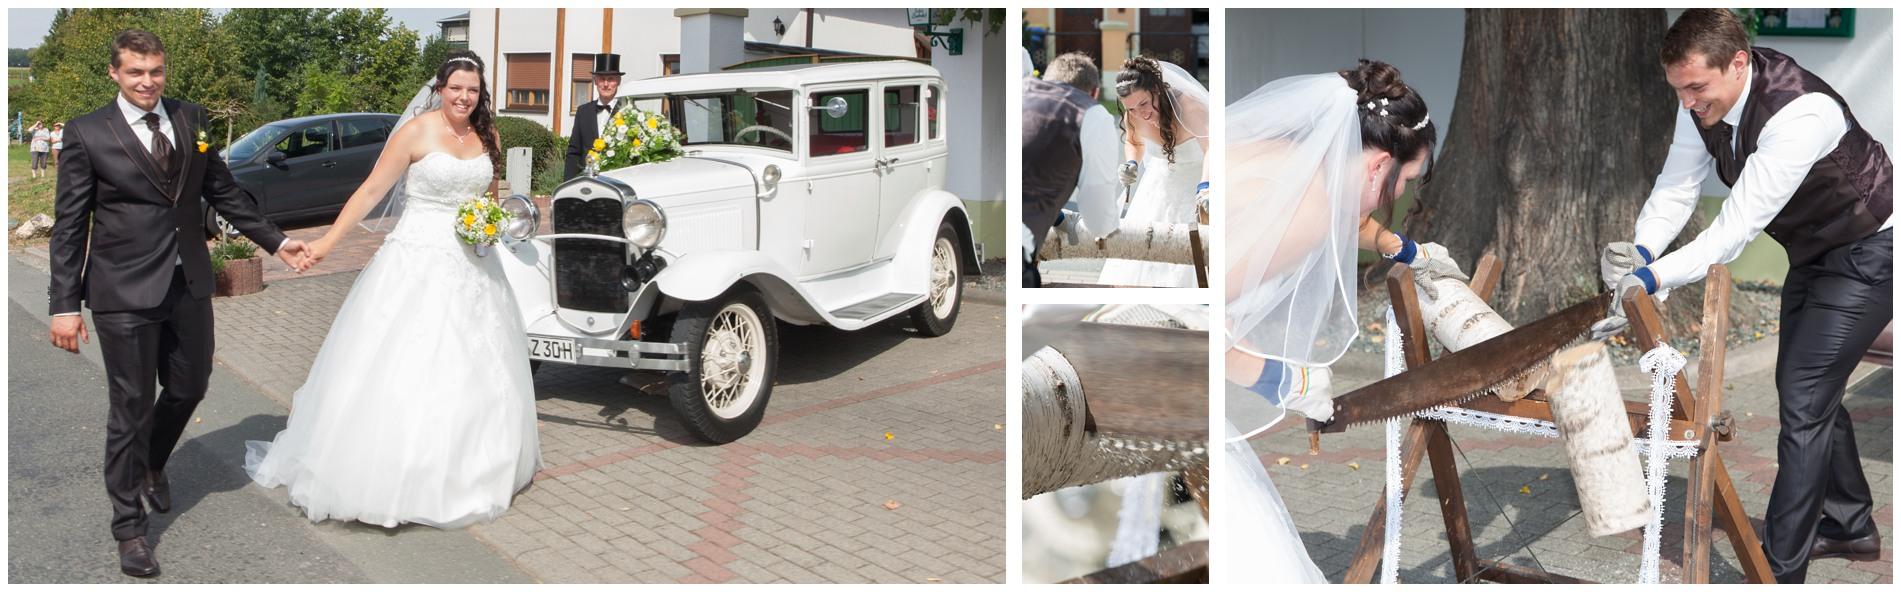 Hochzeitsbräuche und Hochzeitstraditionen im Vogtlandkreis